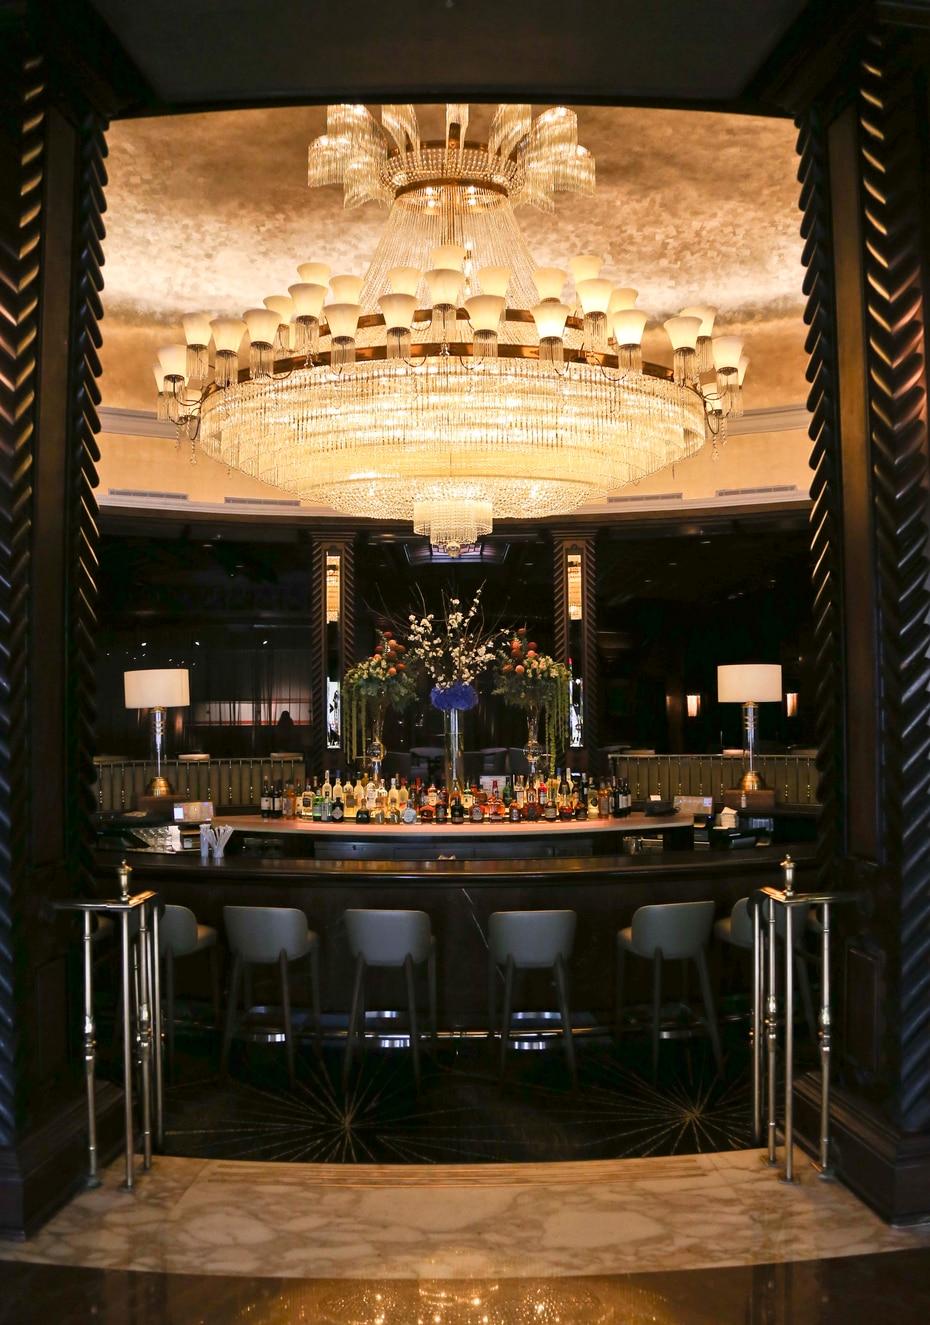 La barra del vestíbulo y su gran lámpara son emblemáticos de El San Juan Hotel.